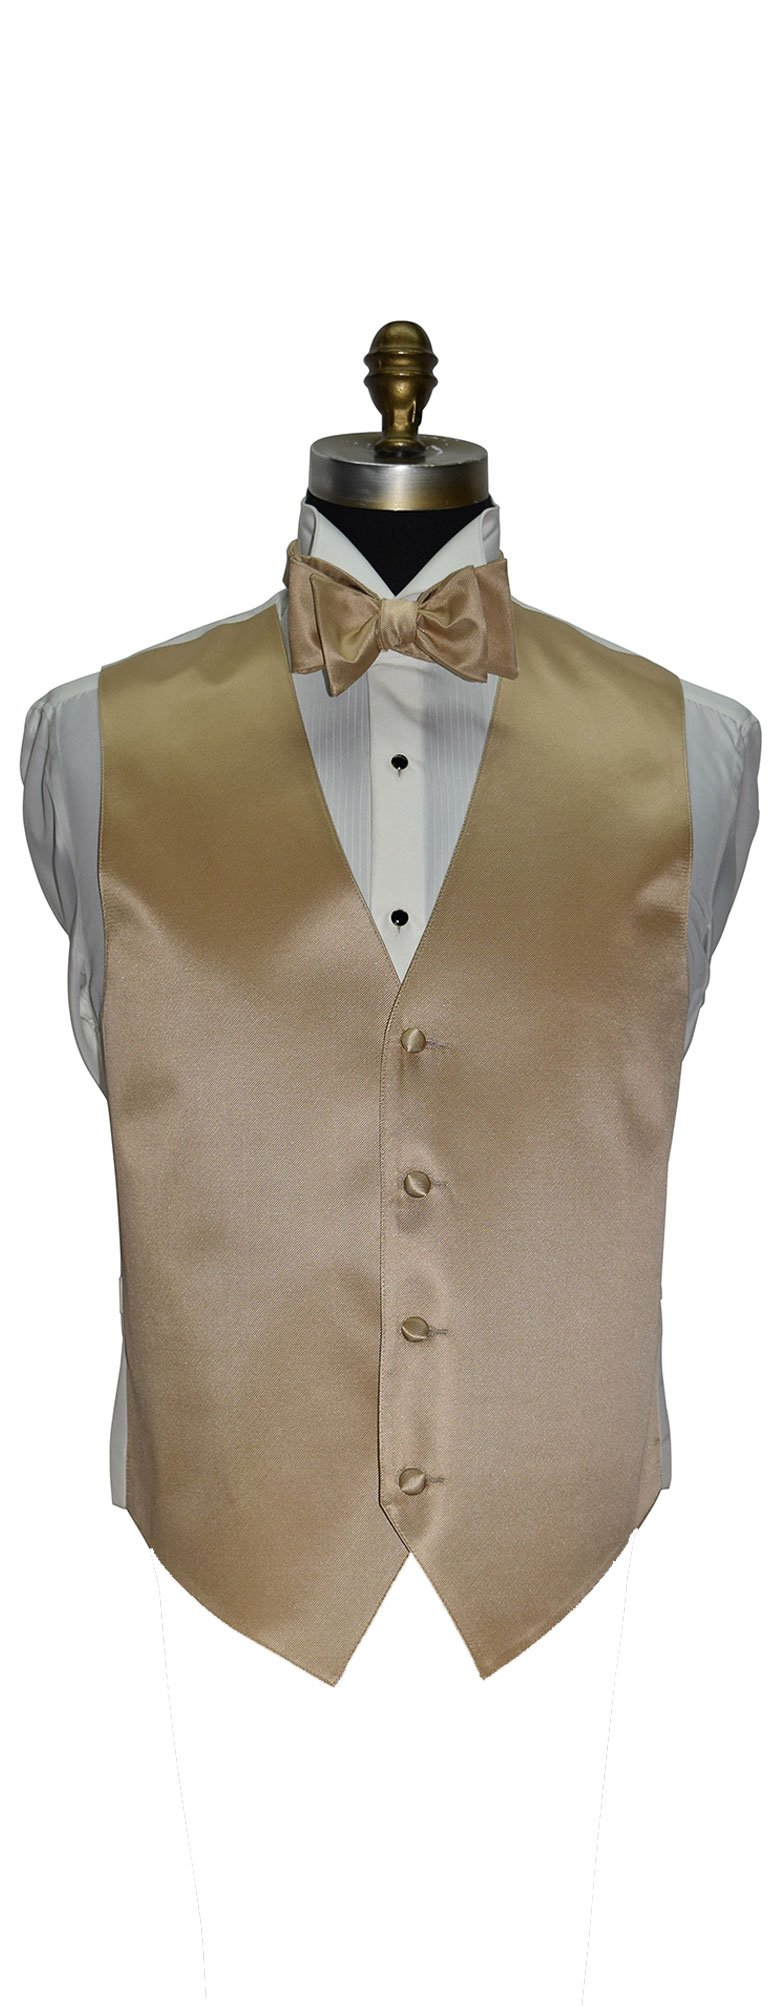 Golden Tuxedo Vest